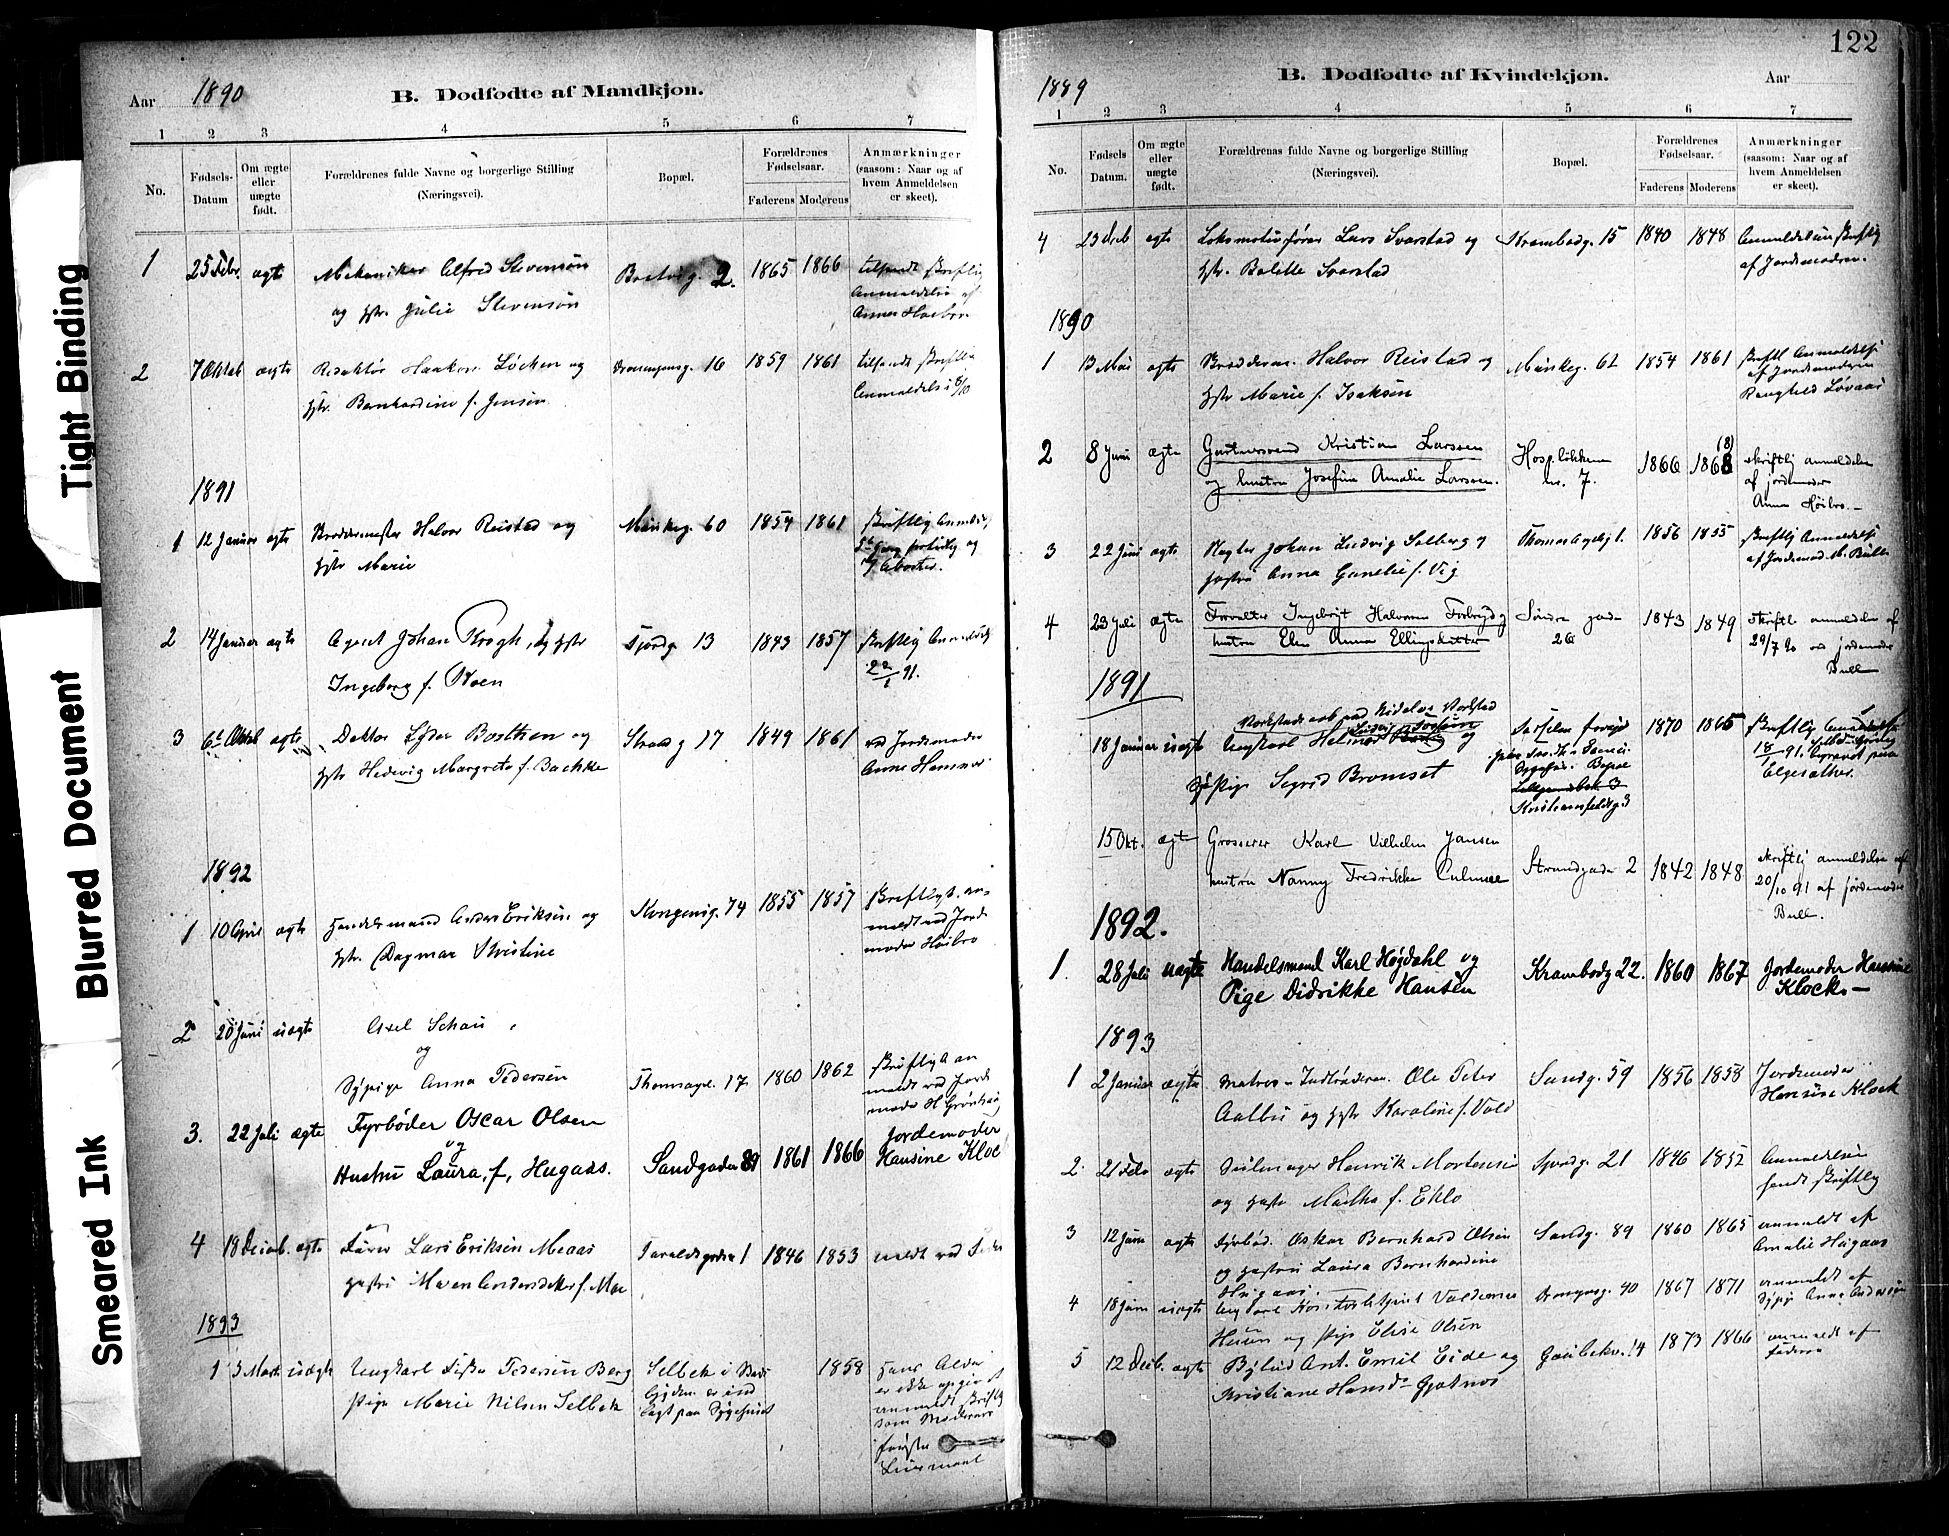 SAT, Ministerialprotokoller, klokkerbøker og fødselsregistre - Sør-Trøndelag, 602/L0119: Ministerialbok nr. 602A17, 1880-1901, s. 122